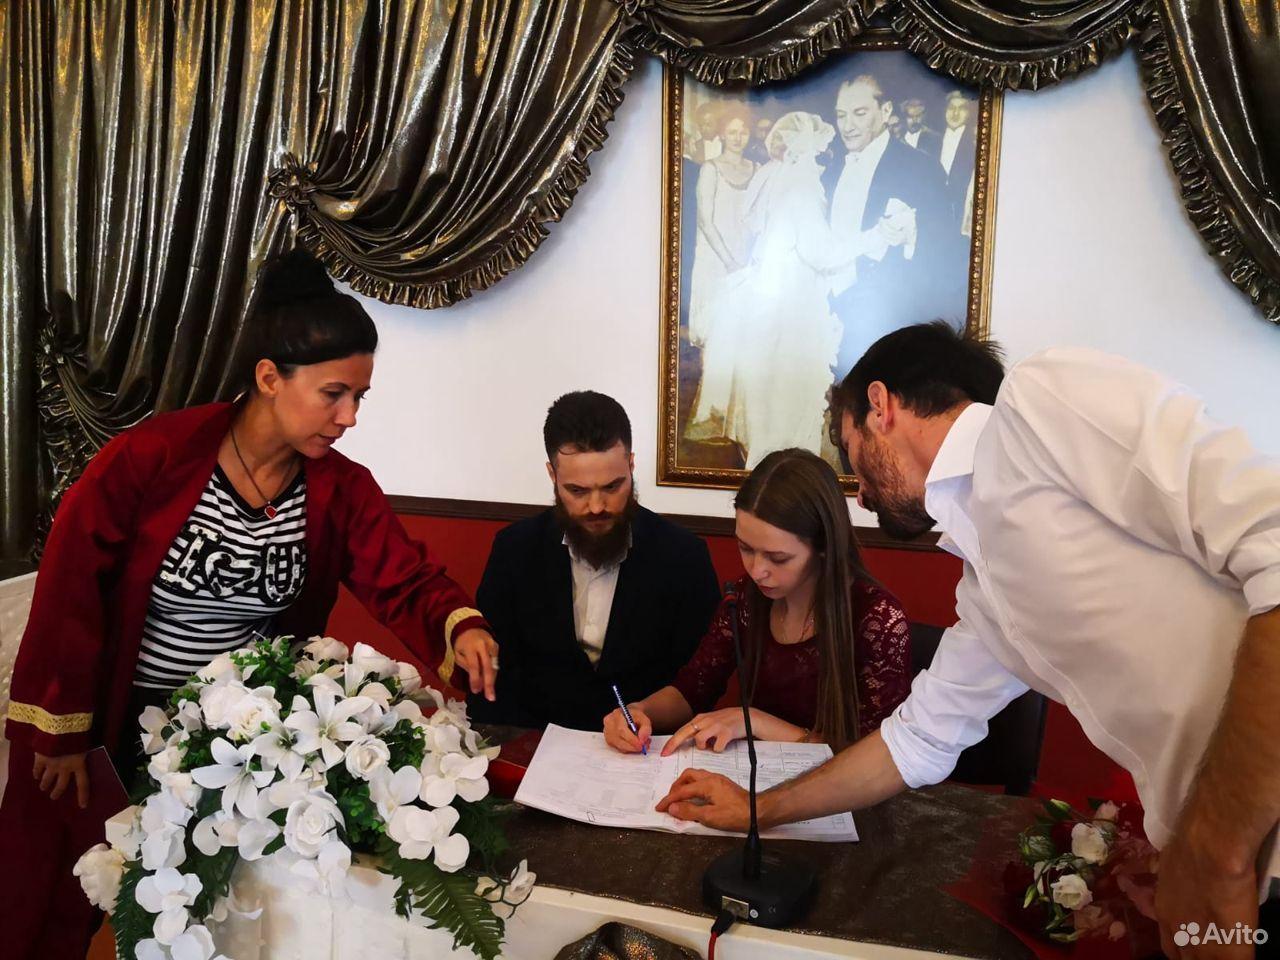 Регистрация брака в Tурции для иностранцев 2020  89818806224 купить 5